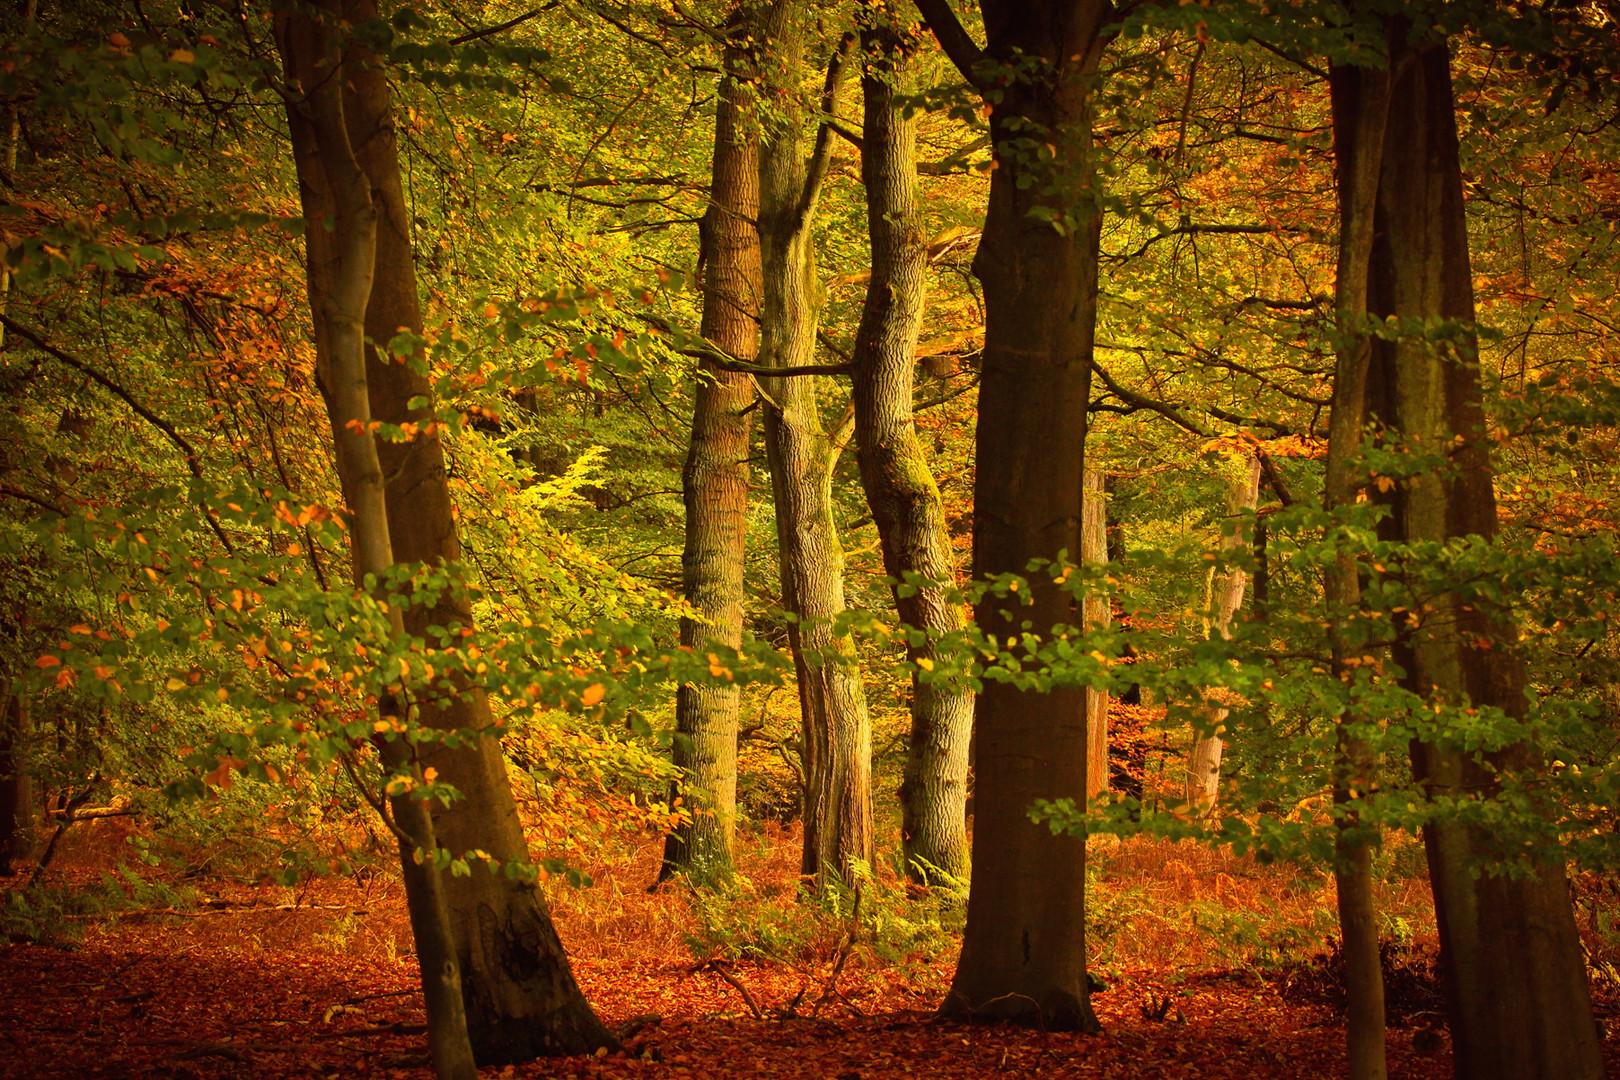 Ein Wald Experiment oder die realative Sichtweise der Umgebung